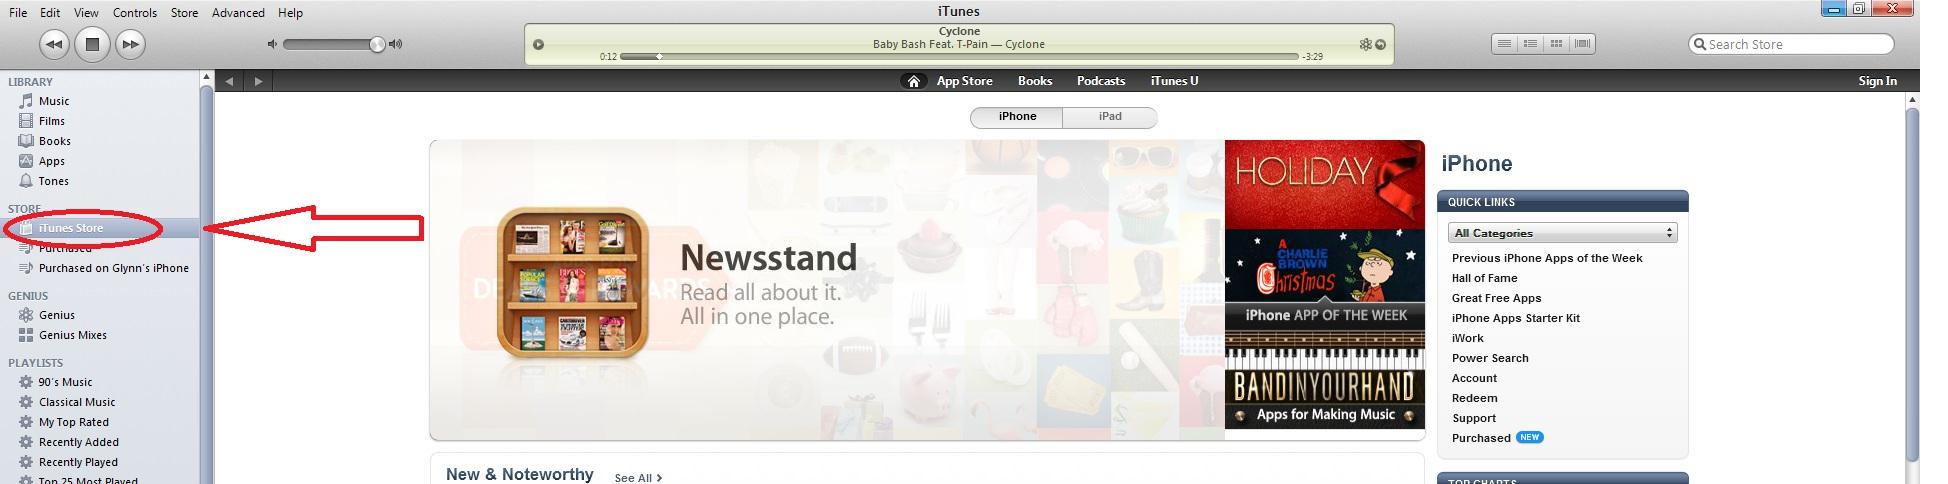 Open iTunes Store